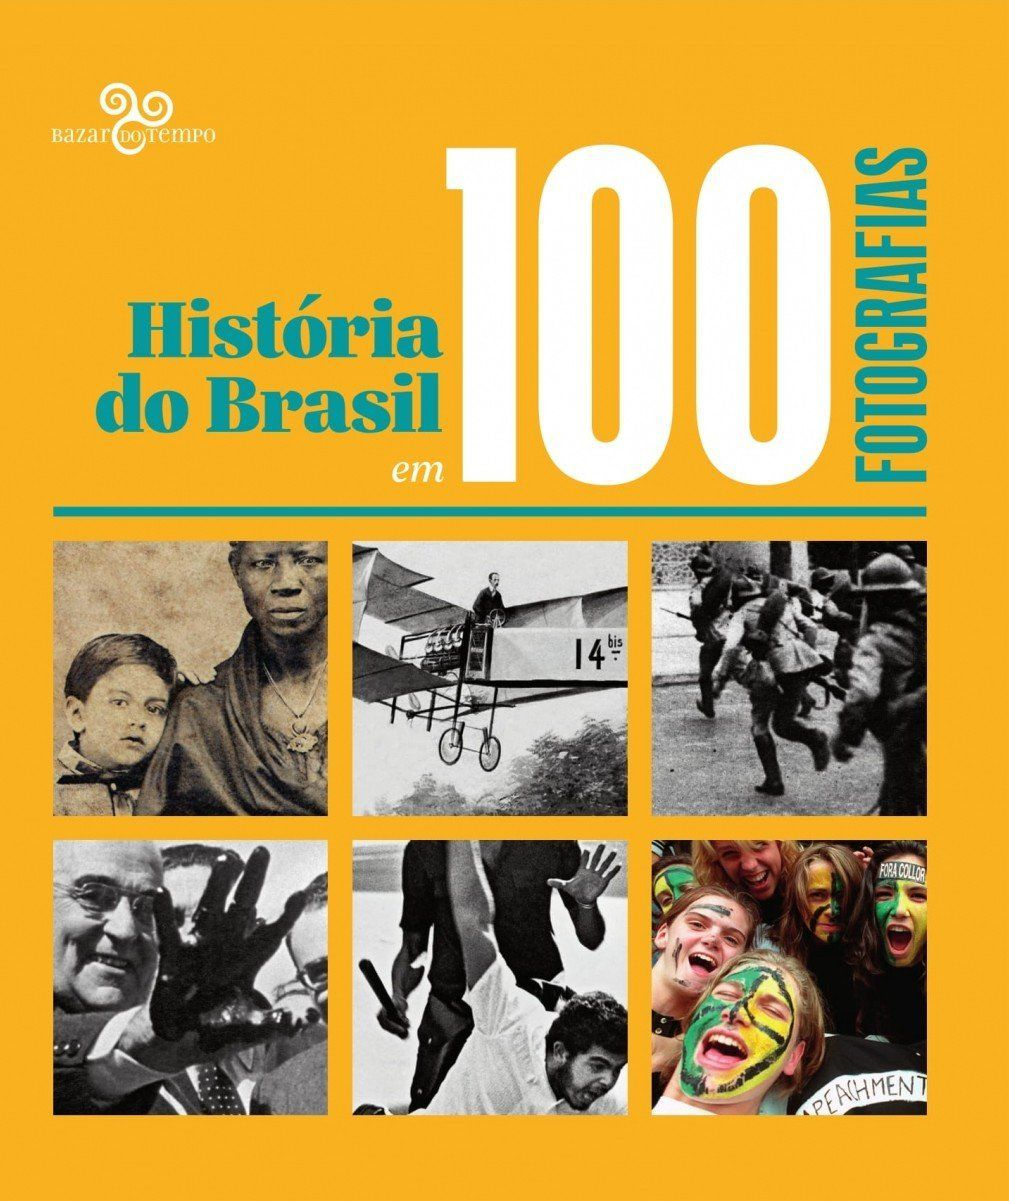 História do Brasil em 100 fotografias